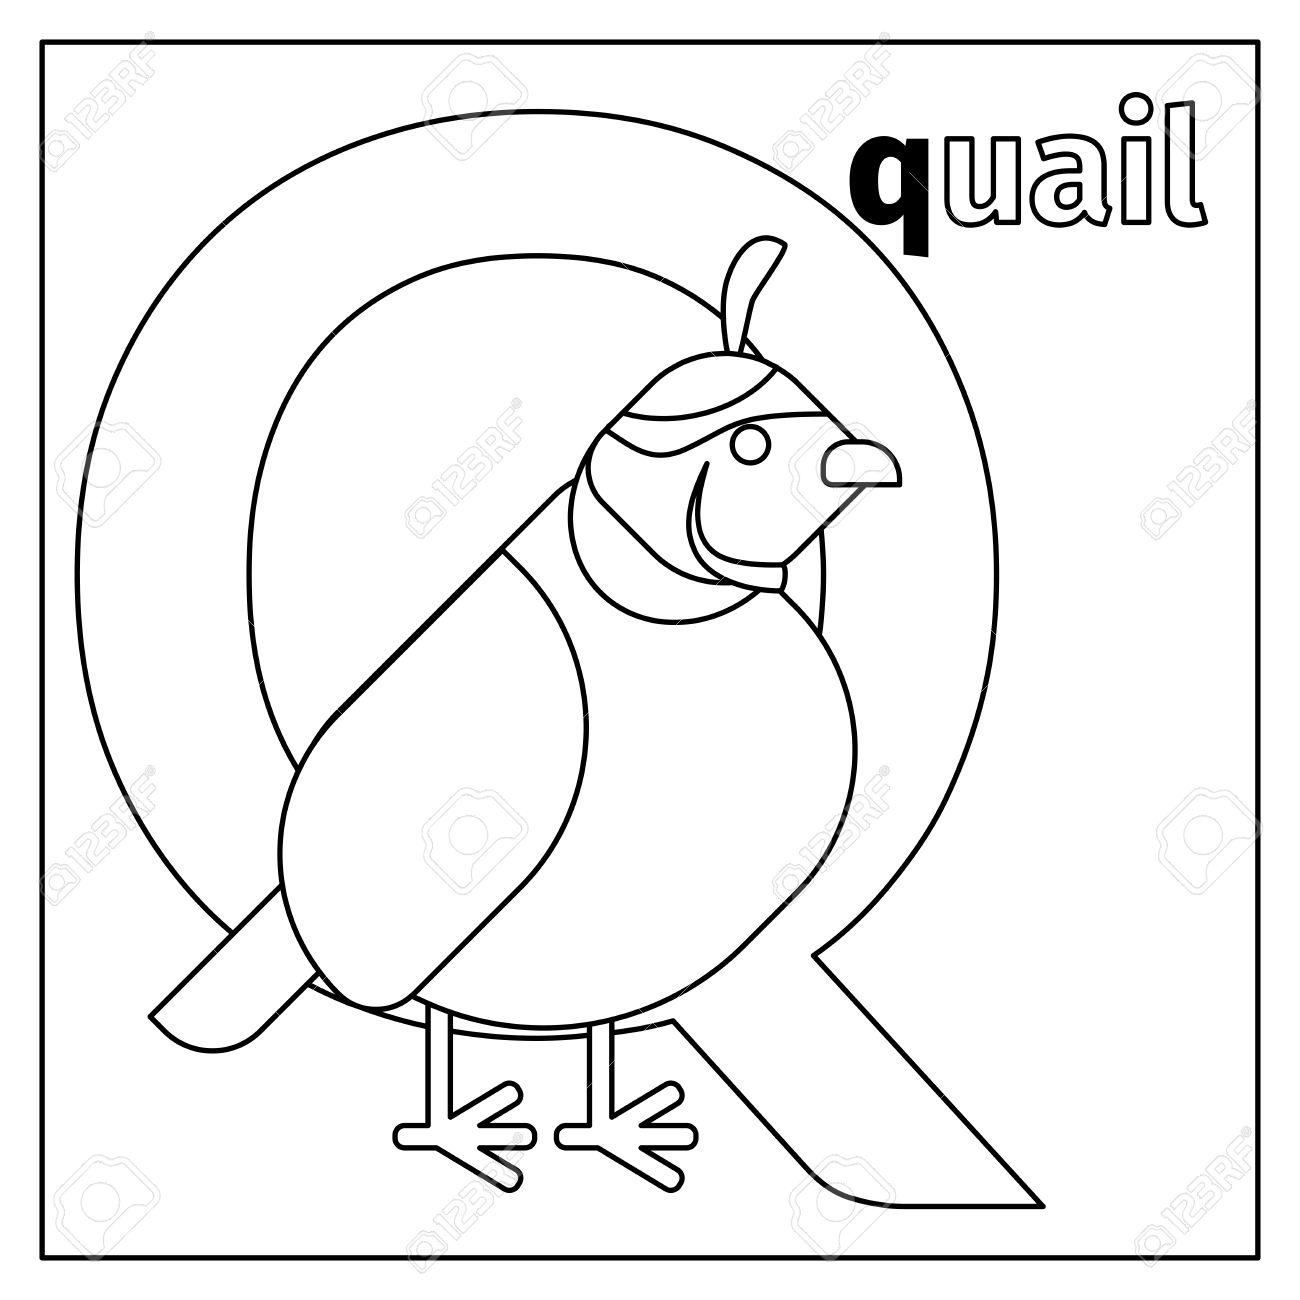 Dibujo Para Colorear O Tarjeta Para Los Niños Con Alfabeto Inglés Animales Del Zoo Codornices Ilustración Vectorial Letra Q